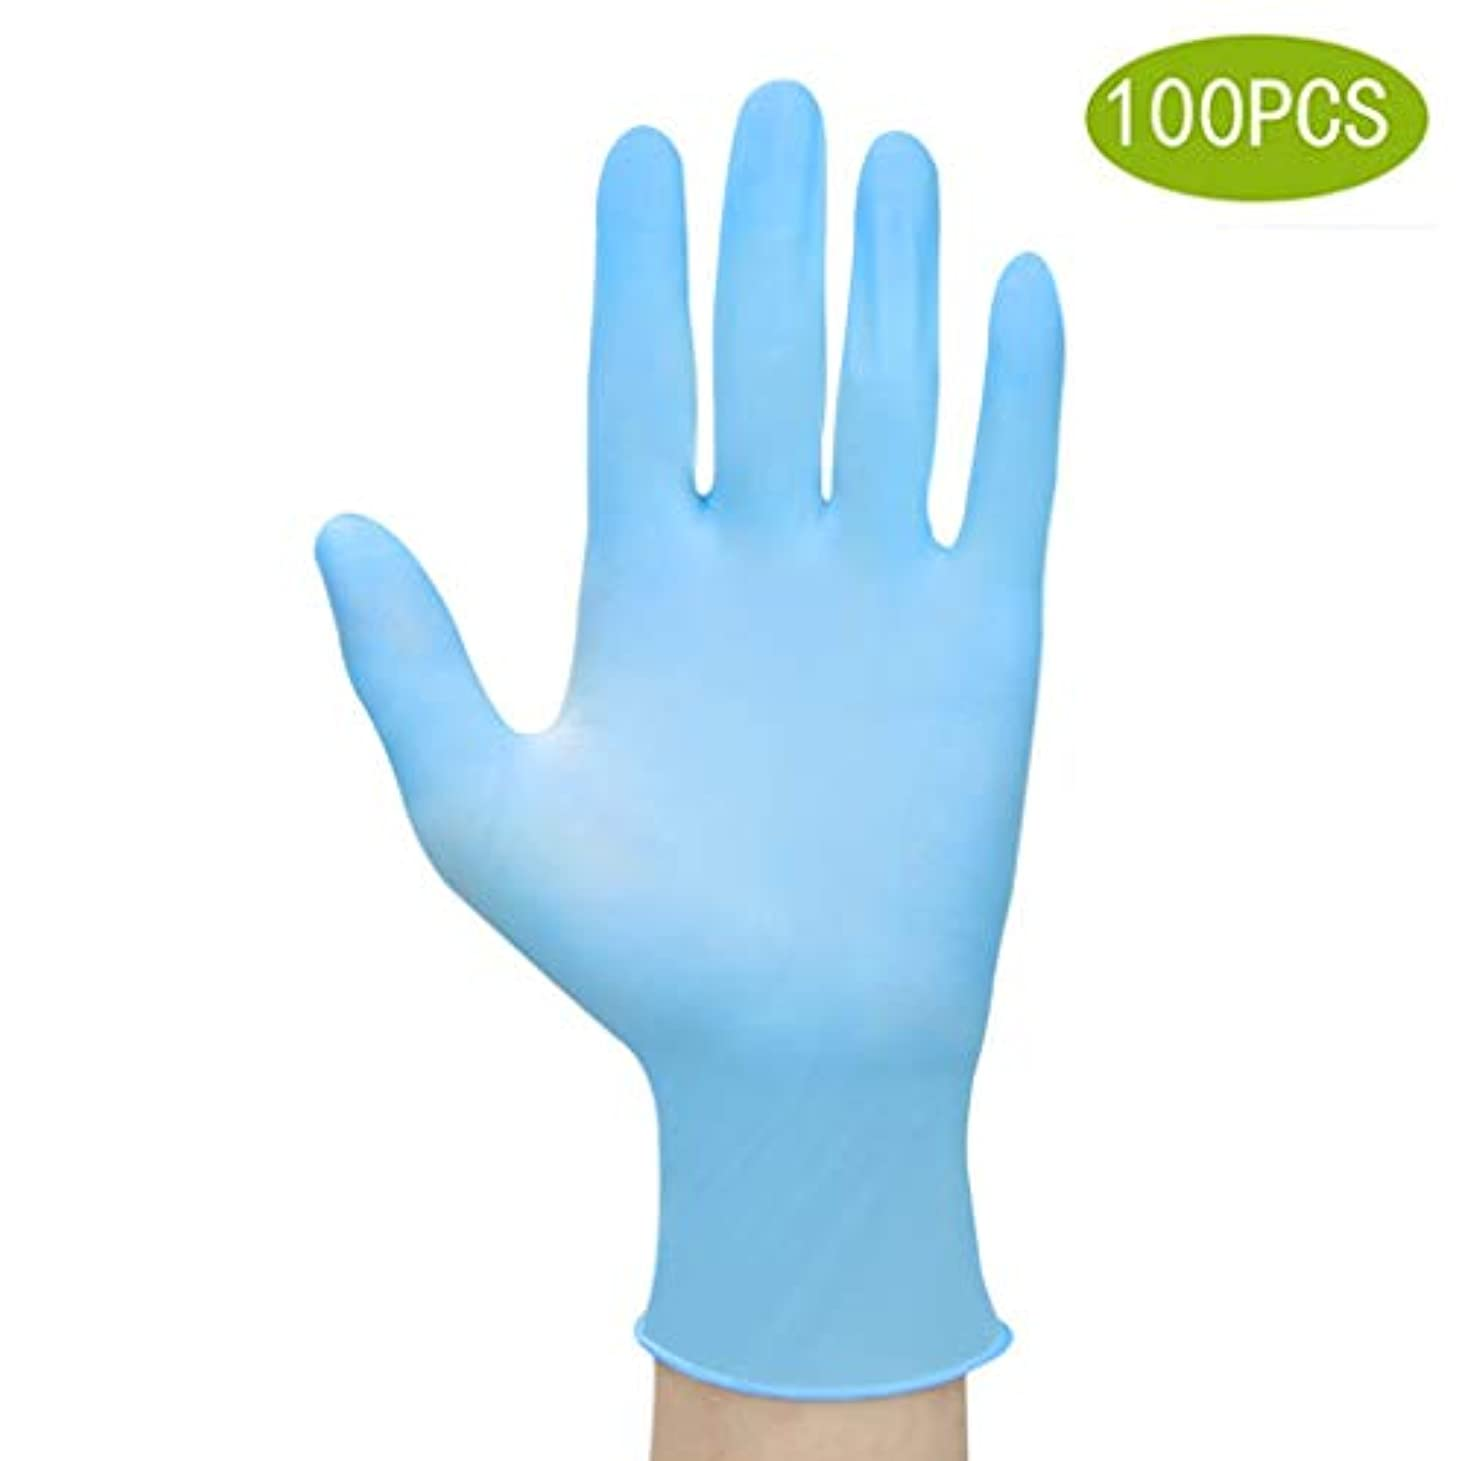 縫うびん泳ぐ応急処置用品クリーンルーム、クラスニトリル手袋、長さ12